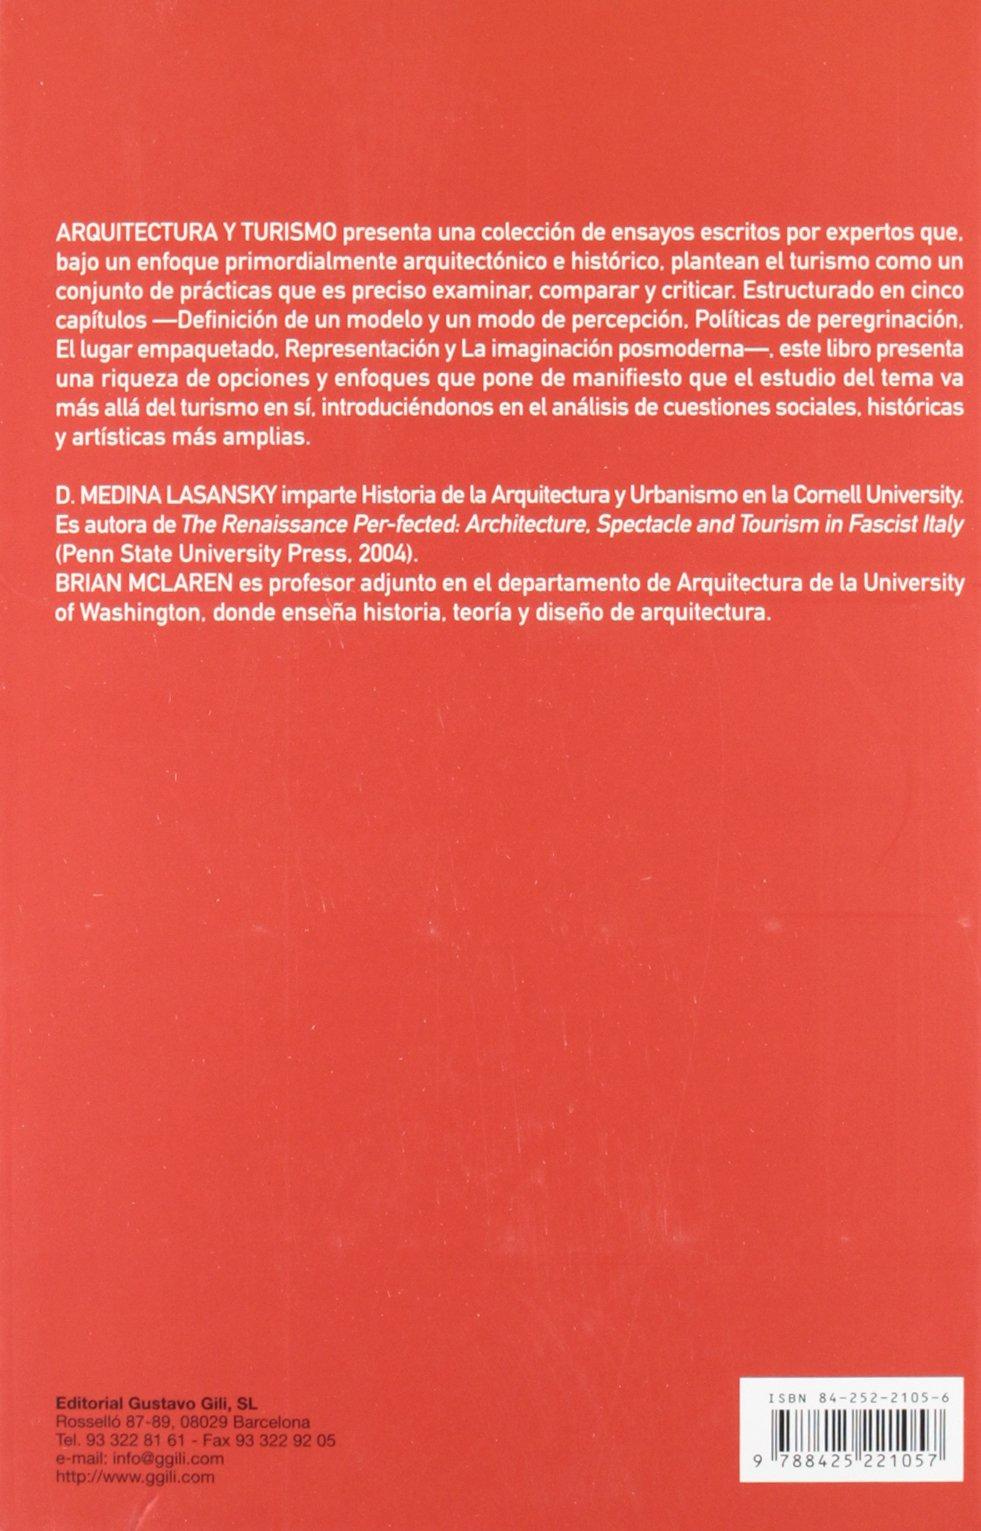 Arquitectura y turismo: Percepción, representación y lugar ...